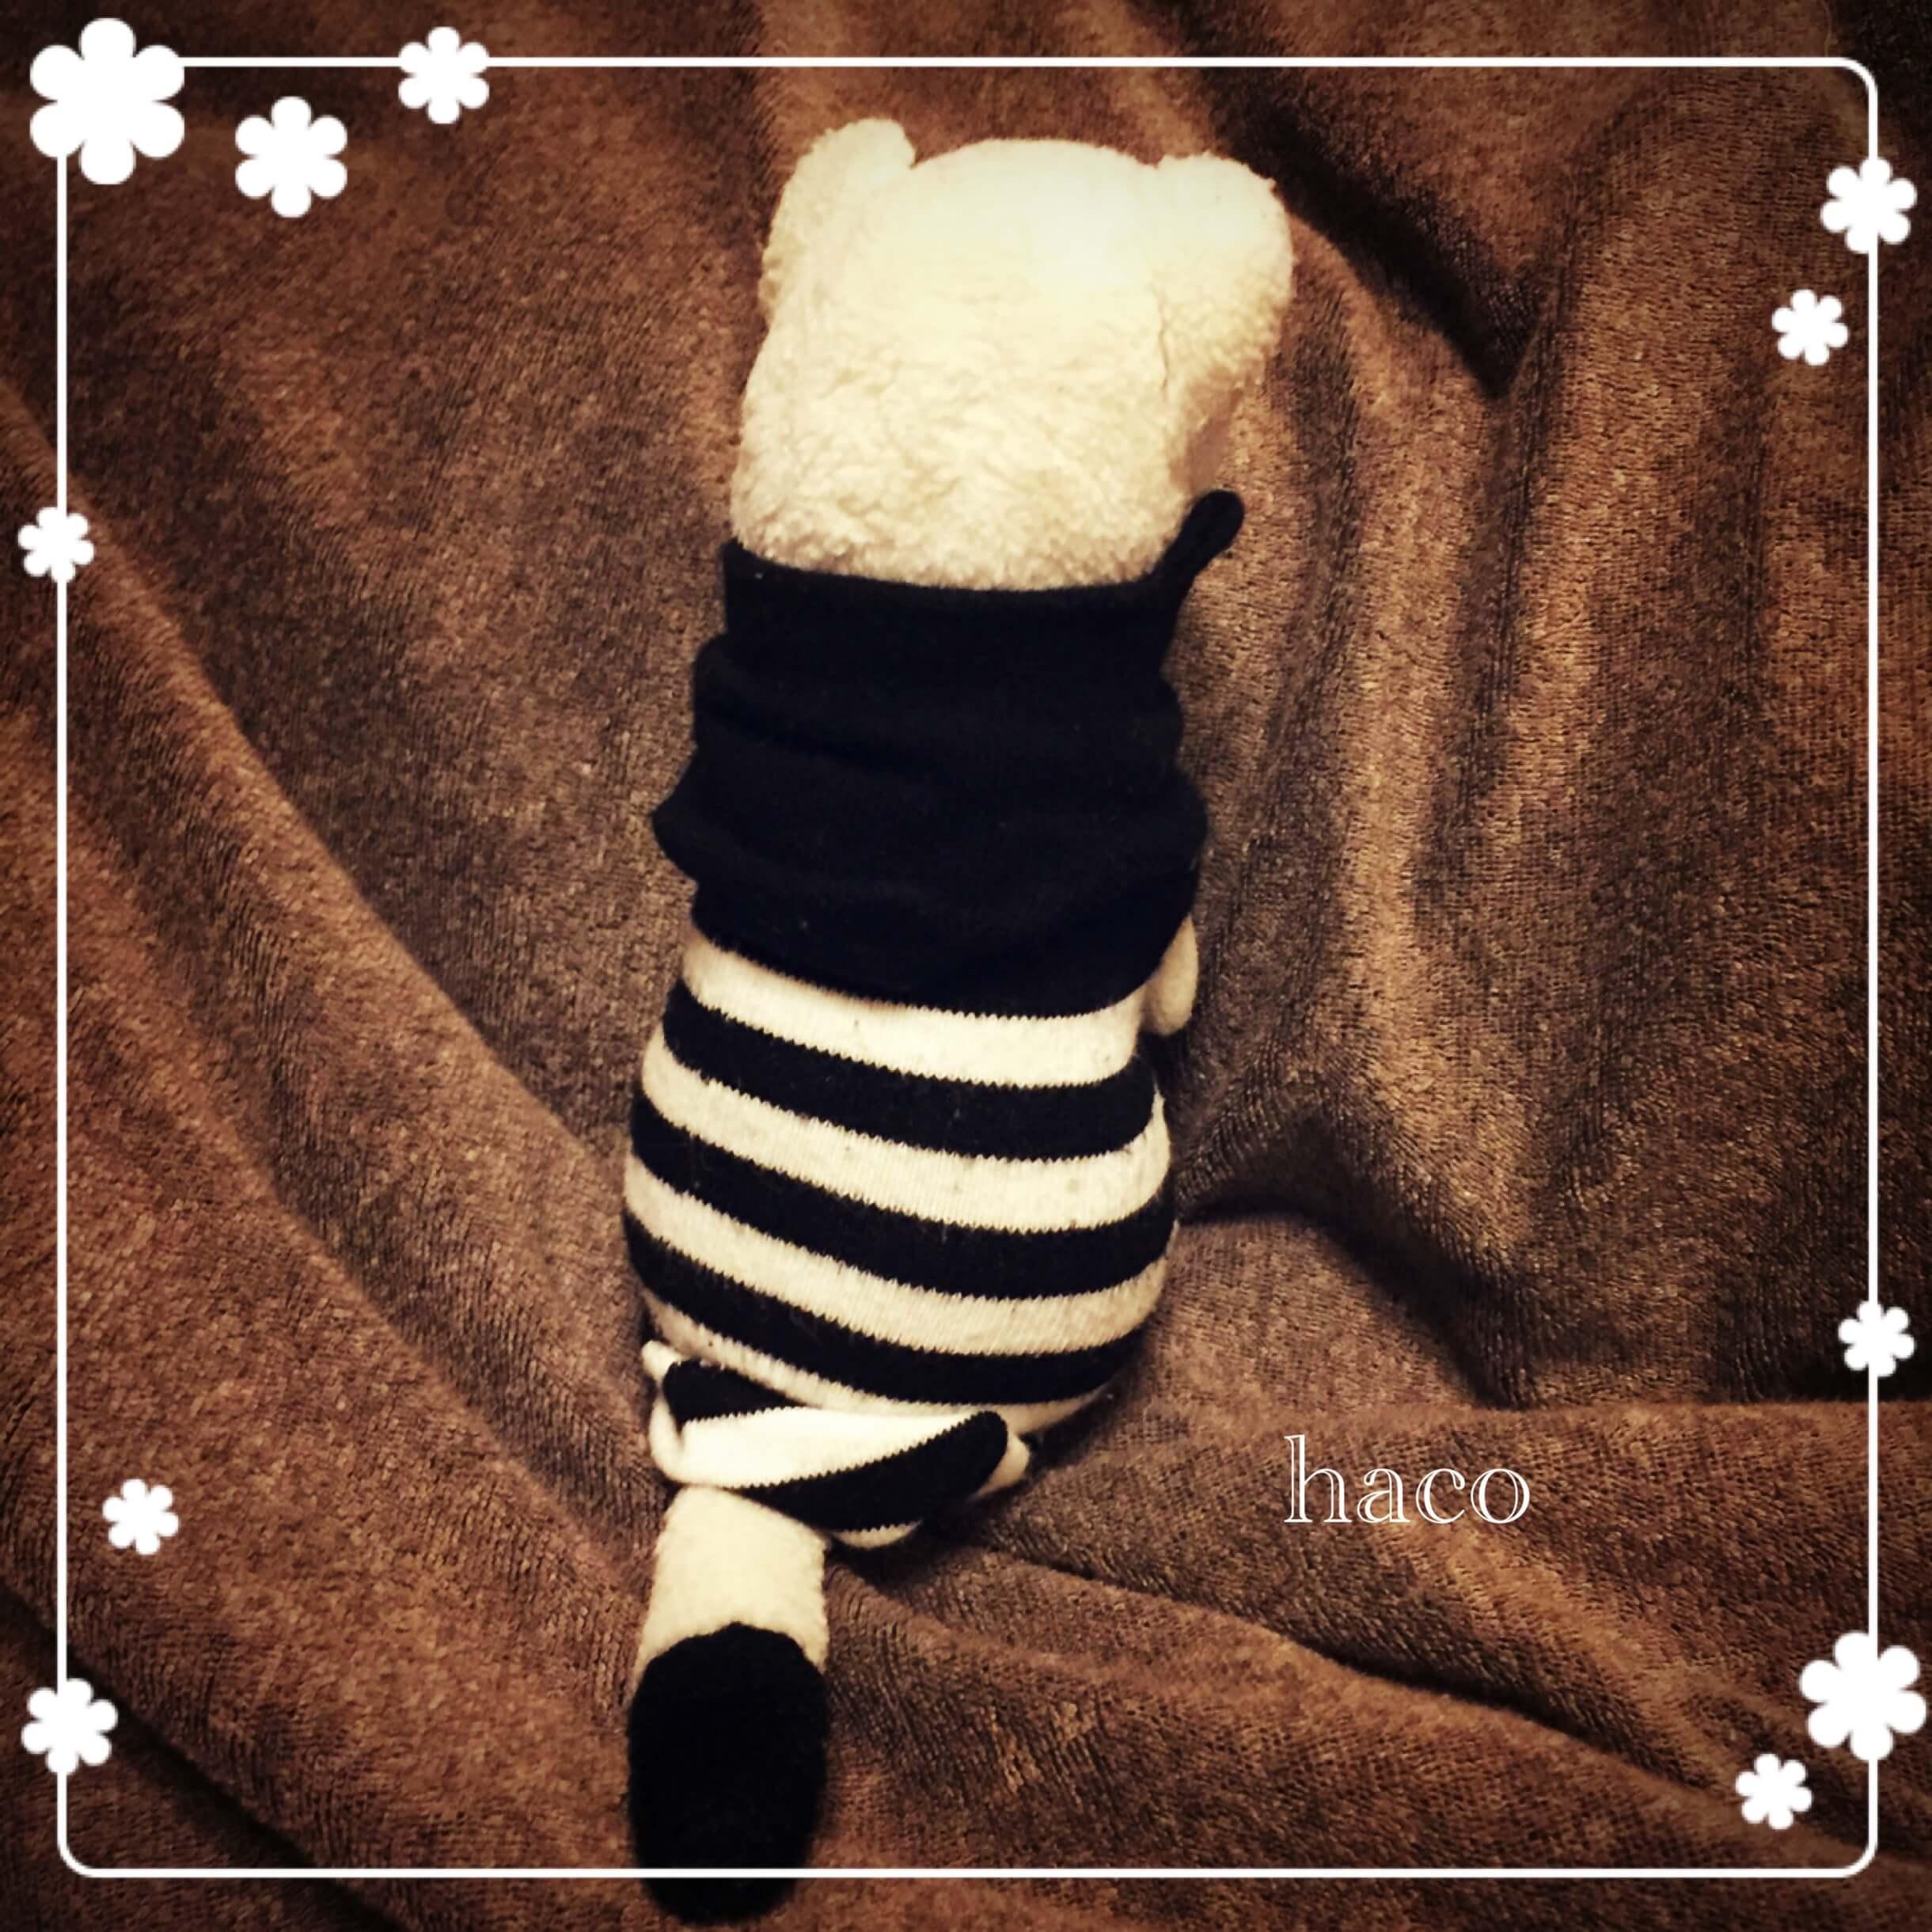 hacoのプロフィール画像